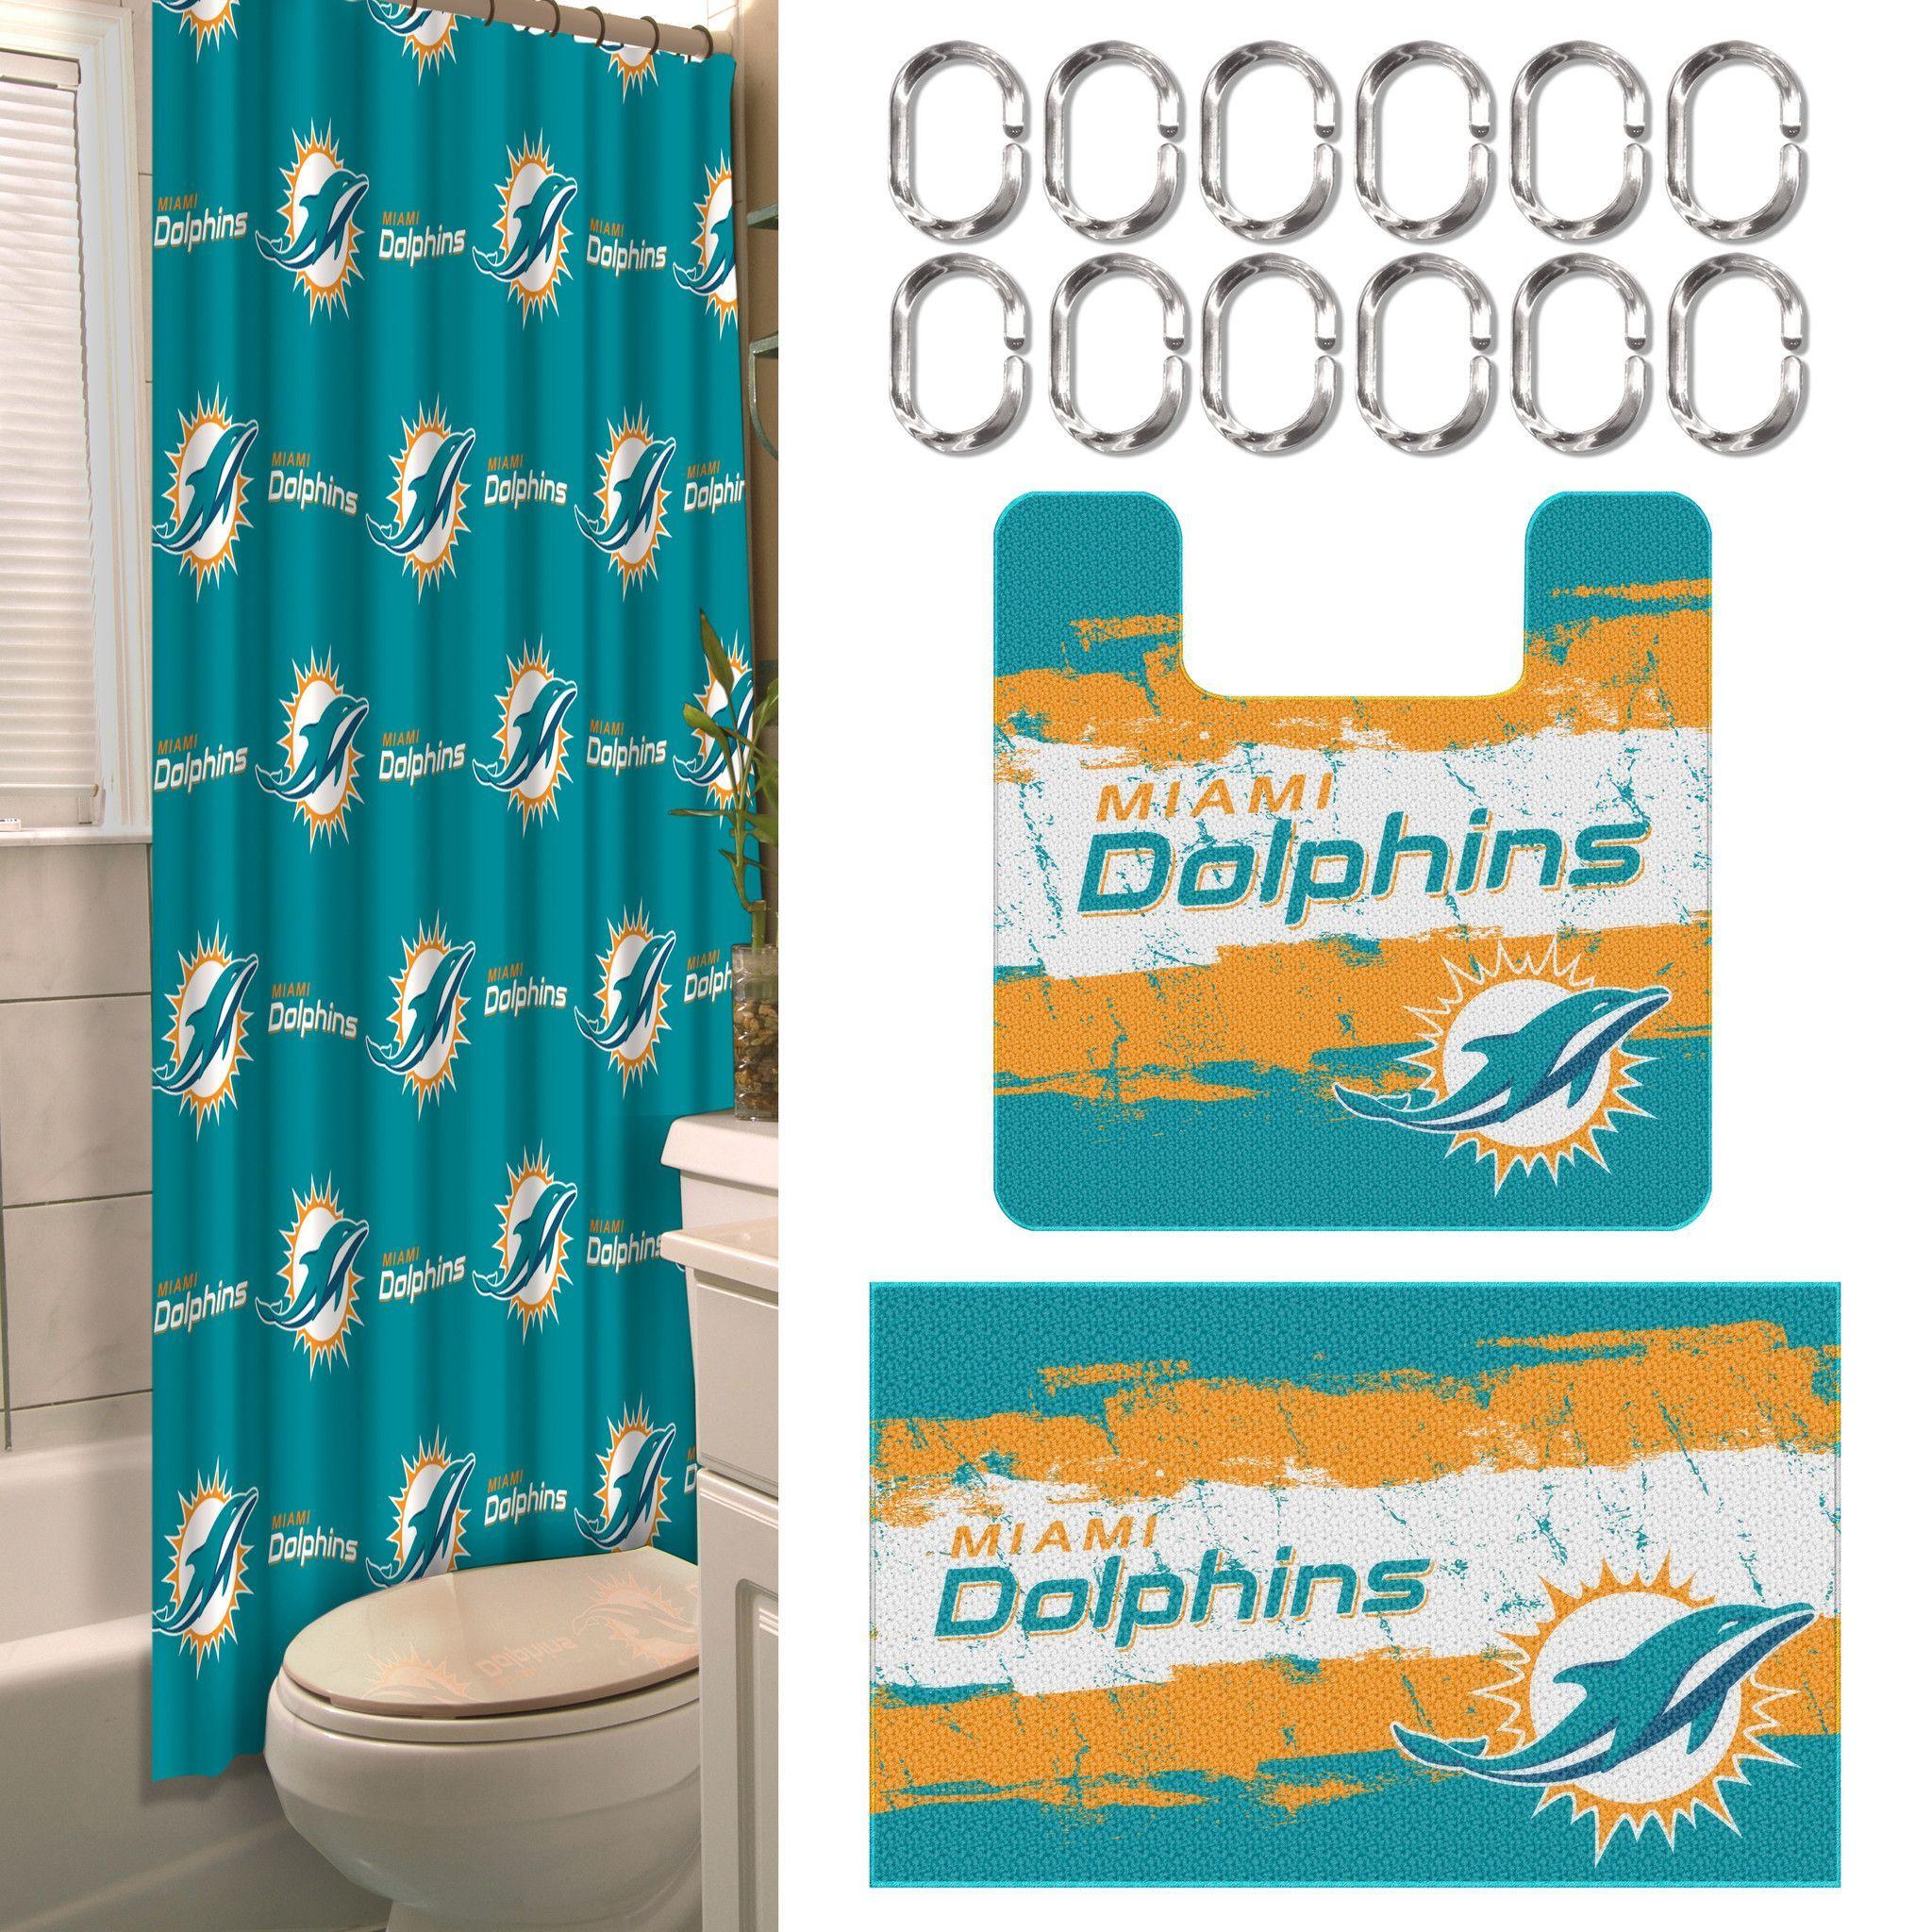 Miami Dolphins 15 Piece Bath Set Miami Dolphins Dolphins Miami